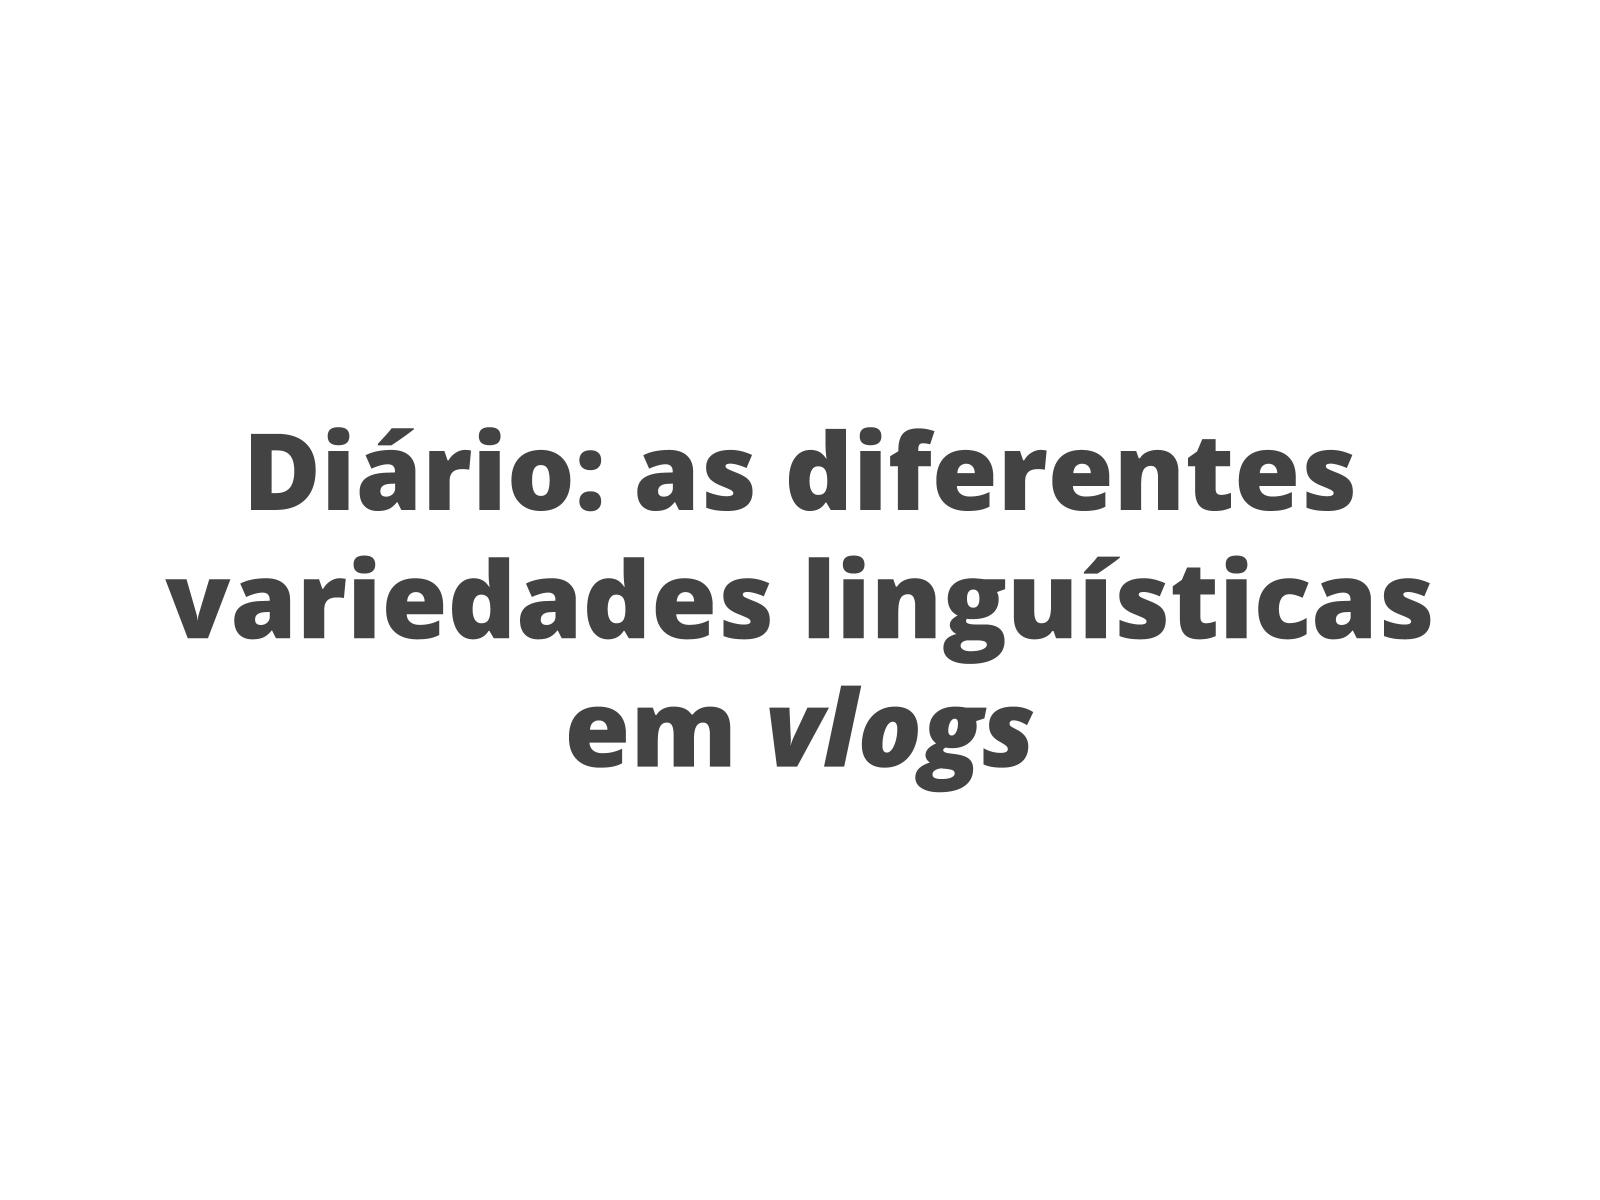 Diário: diferentes variações linguísticas no gênero do discurso vlog.